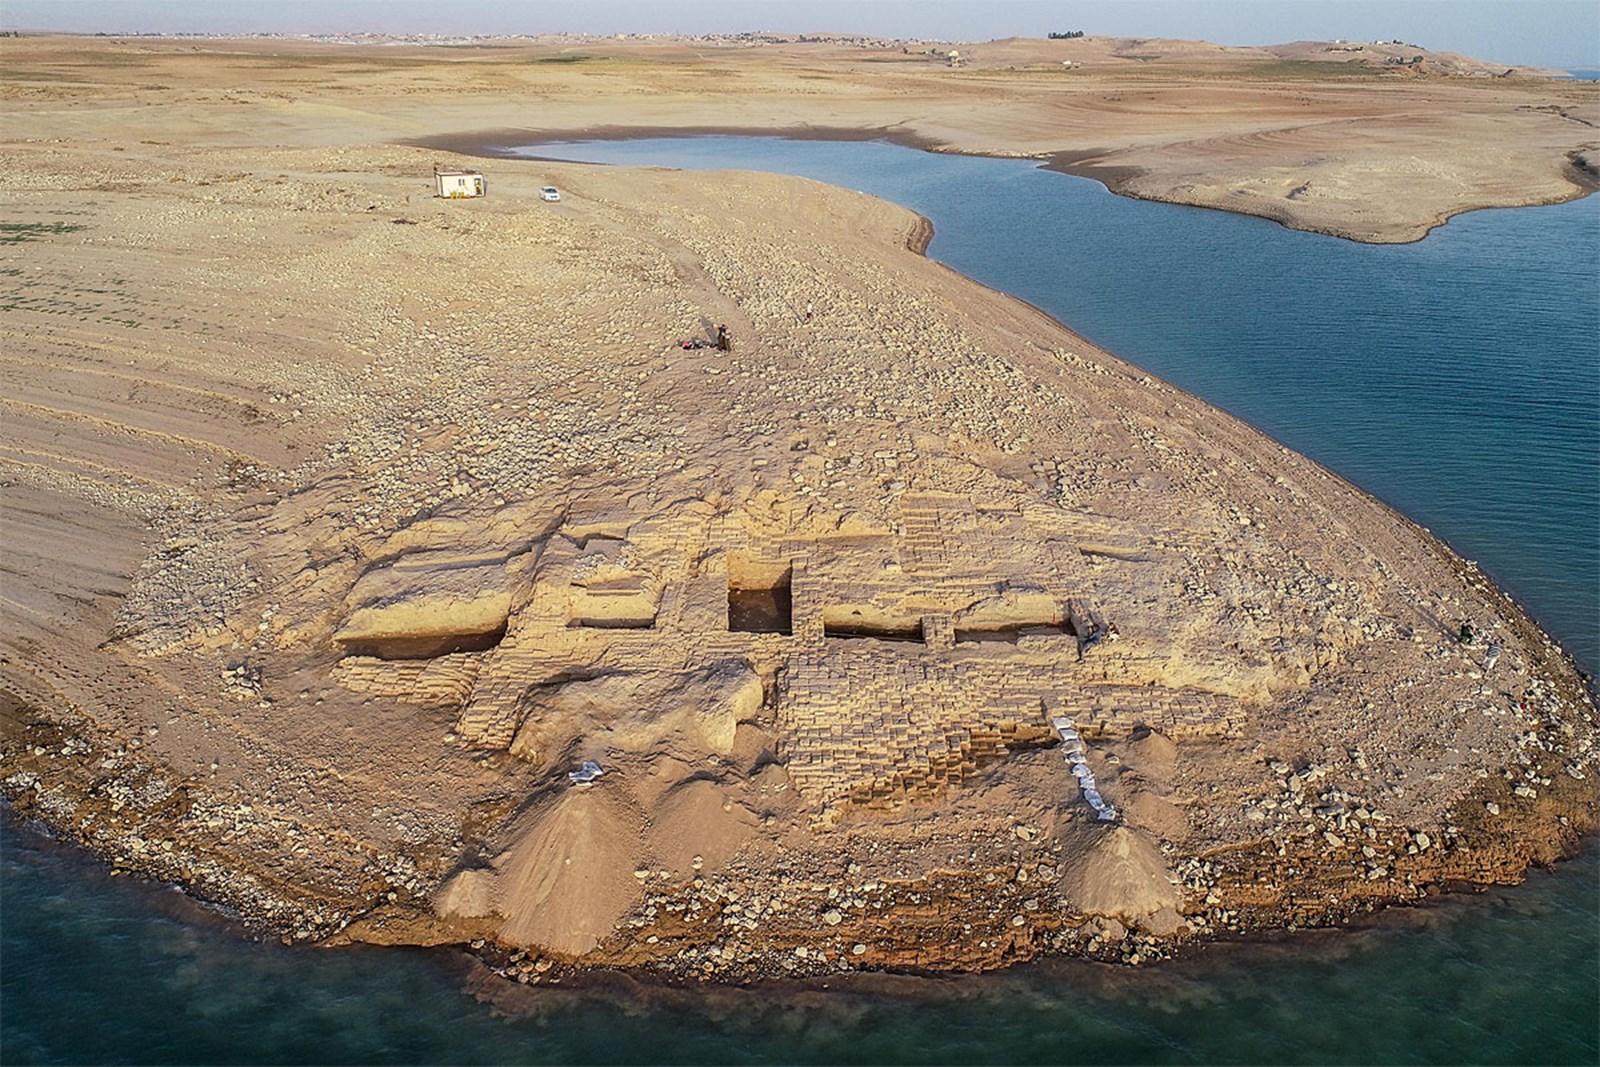 Dürre legt kurzzeitig 3.400 Jahre alten Palast im Nord-Irak frei – derStandard.at